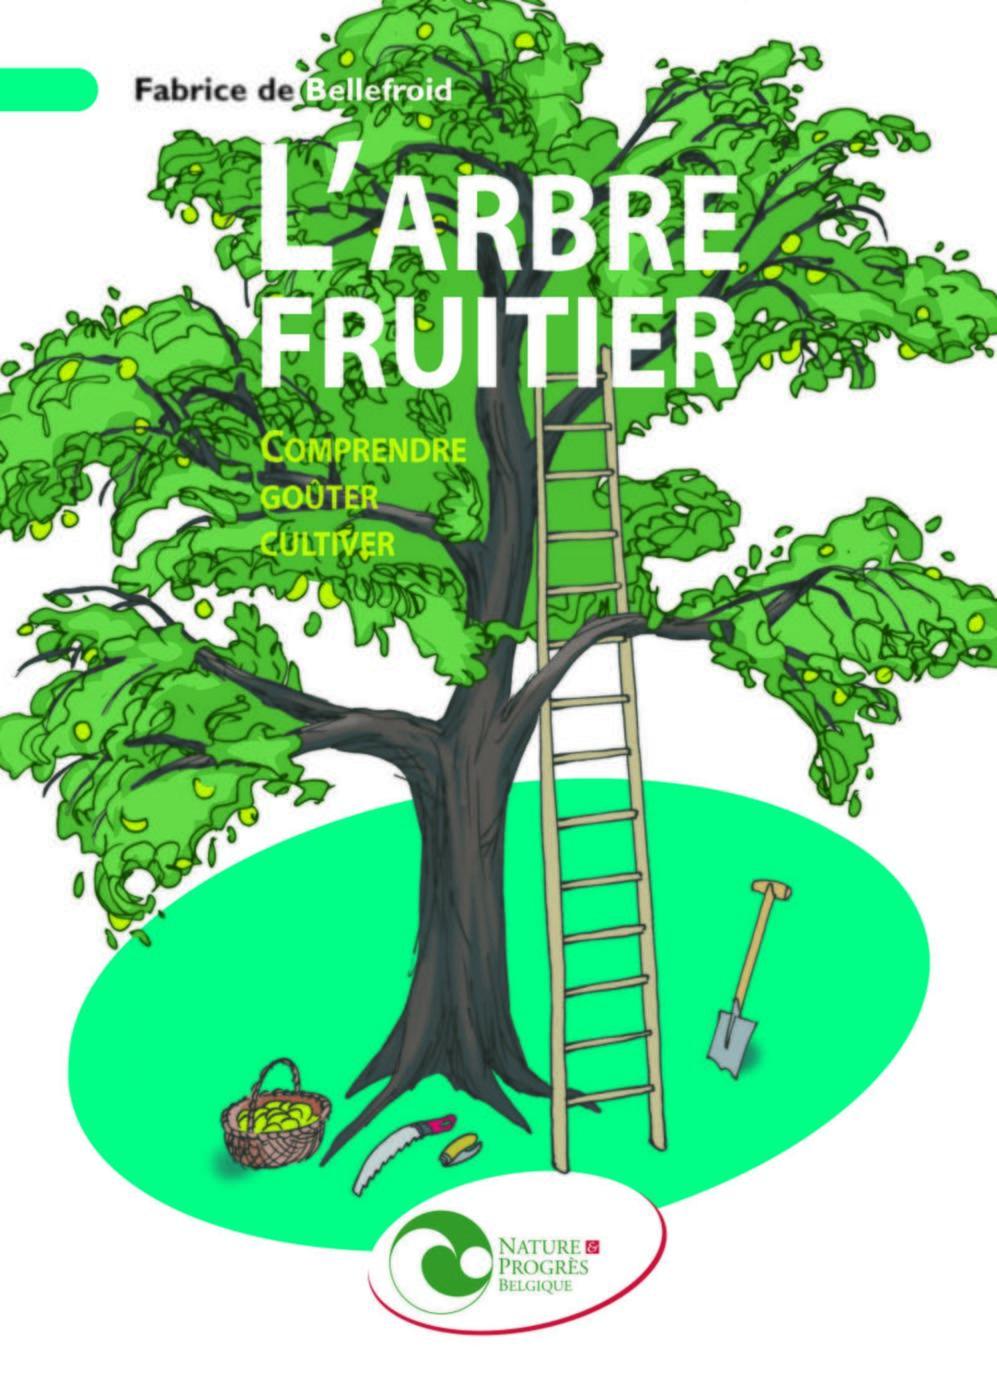 Comment Planter Un Arbre Fruitier l'arbre fruitier - comprendre, goûter, cultiver - f. de bellefroid -  librairie eyrolles